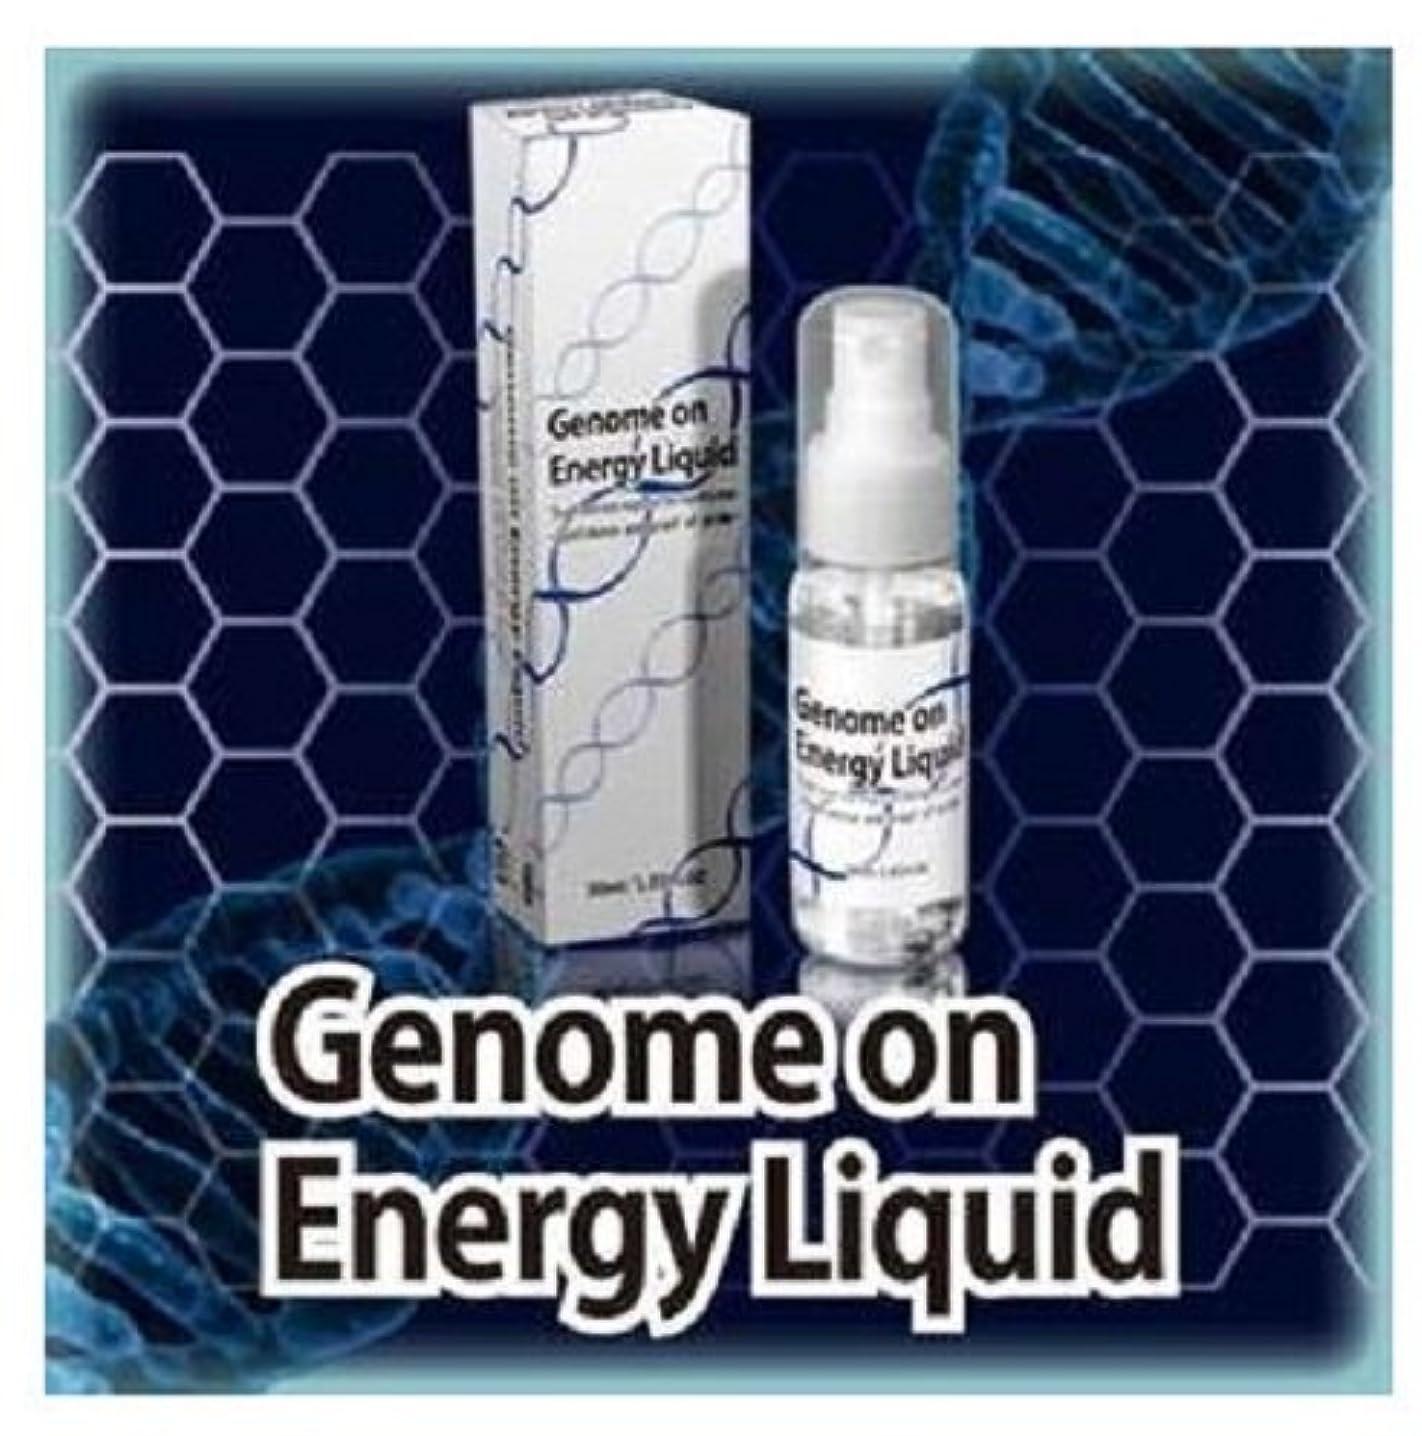 ではごきげんよう第三出撃者ゲノムオンエナジーリキッド Genome on Energy Liquid